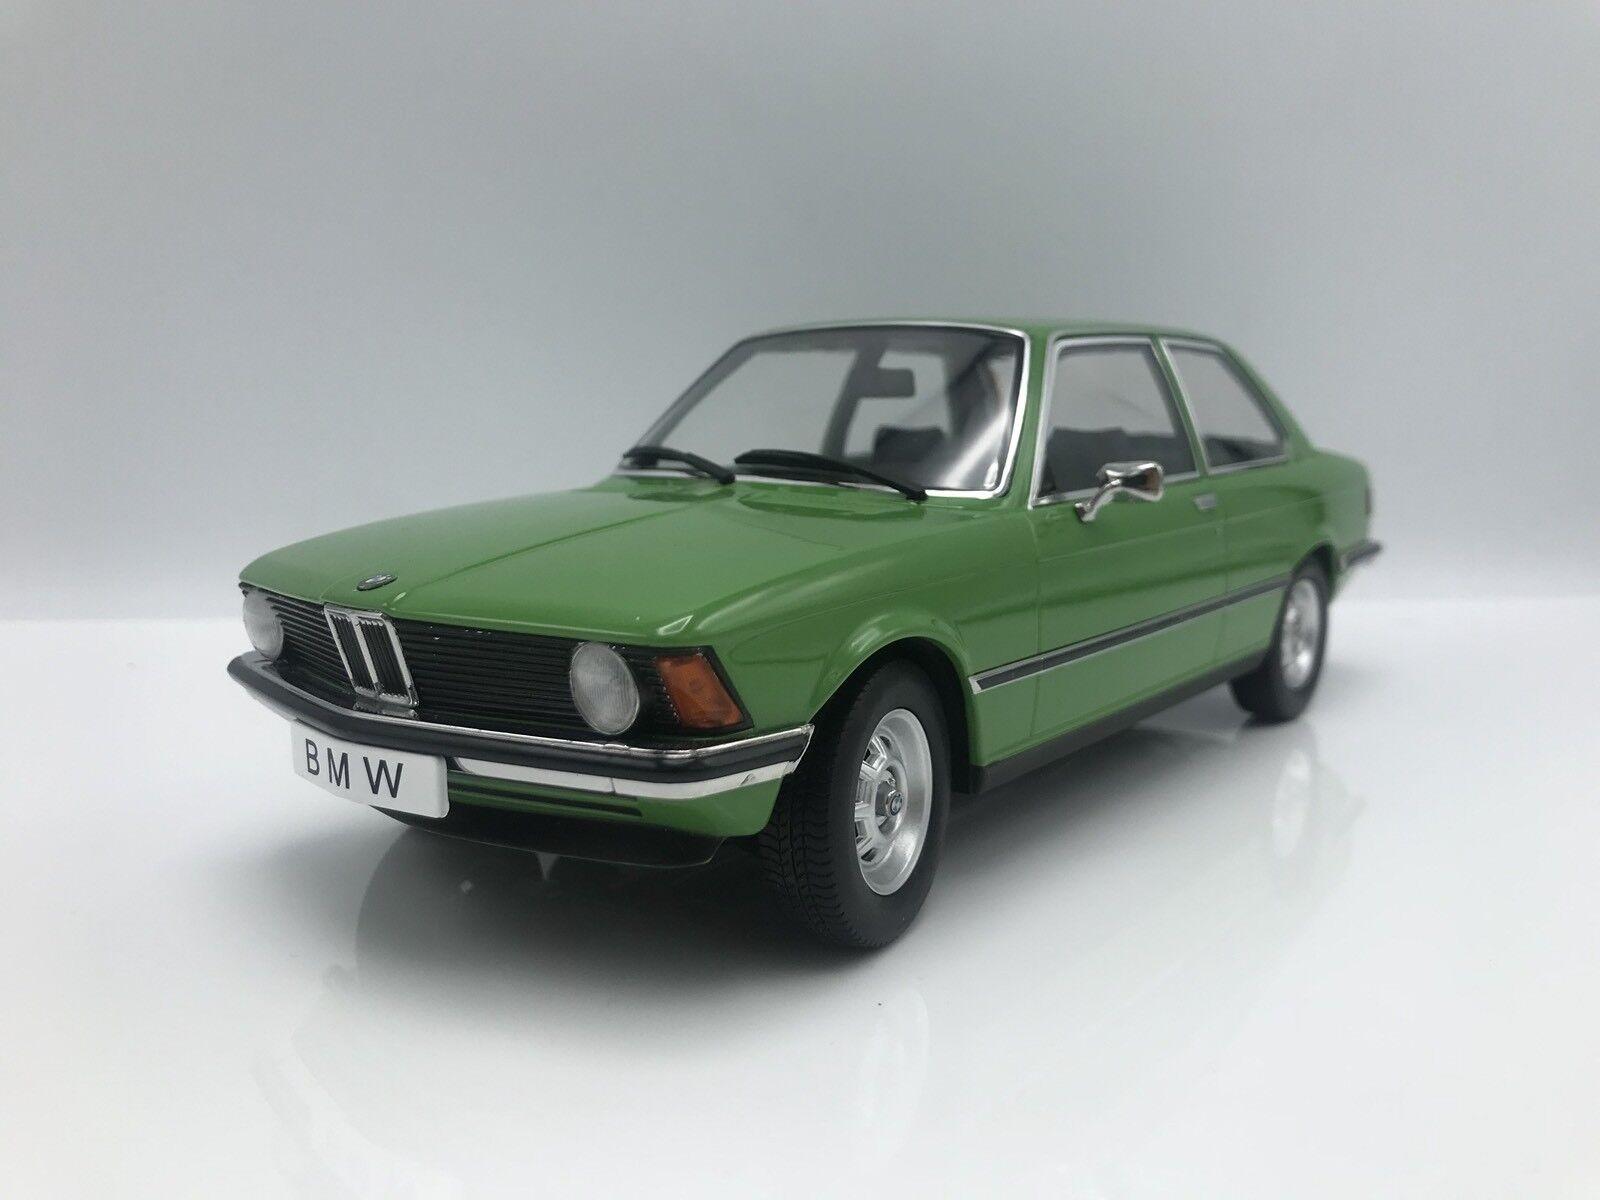 BMW 318i (e21) 1975-Vert - 1 18 KK-Scale     nouveau   Stade Cadeaux